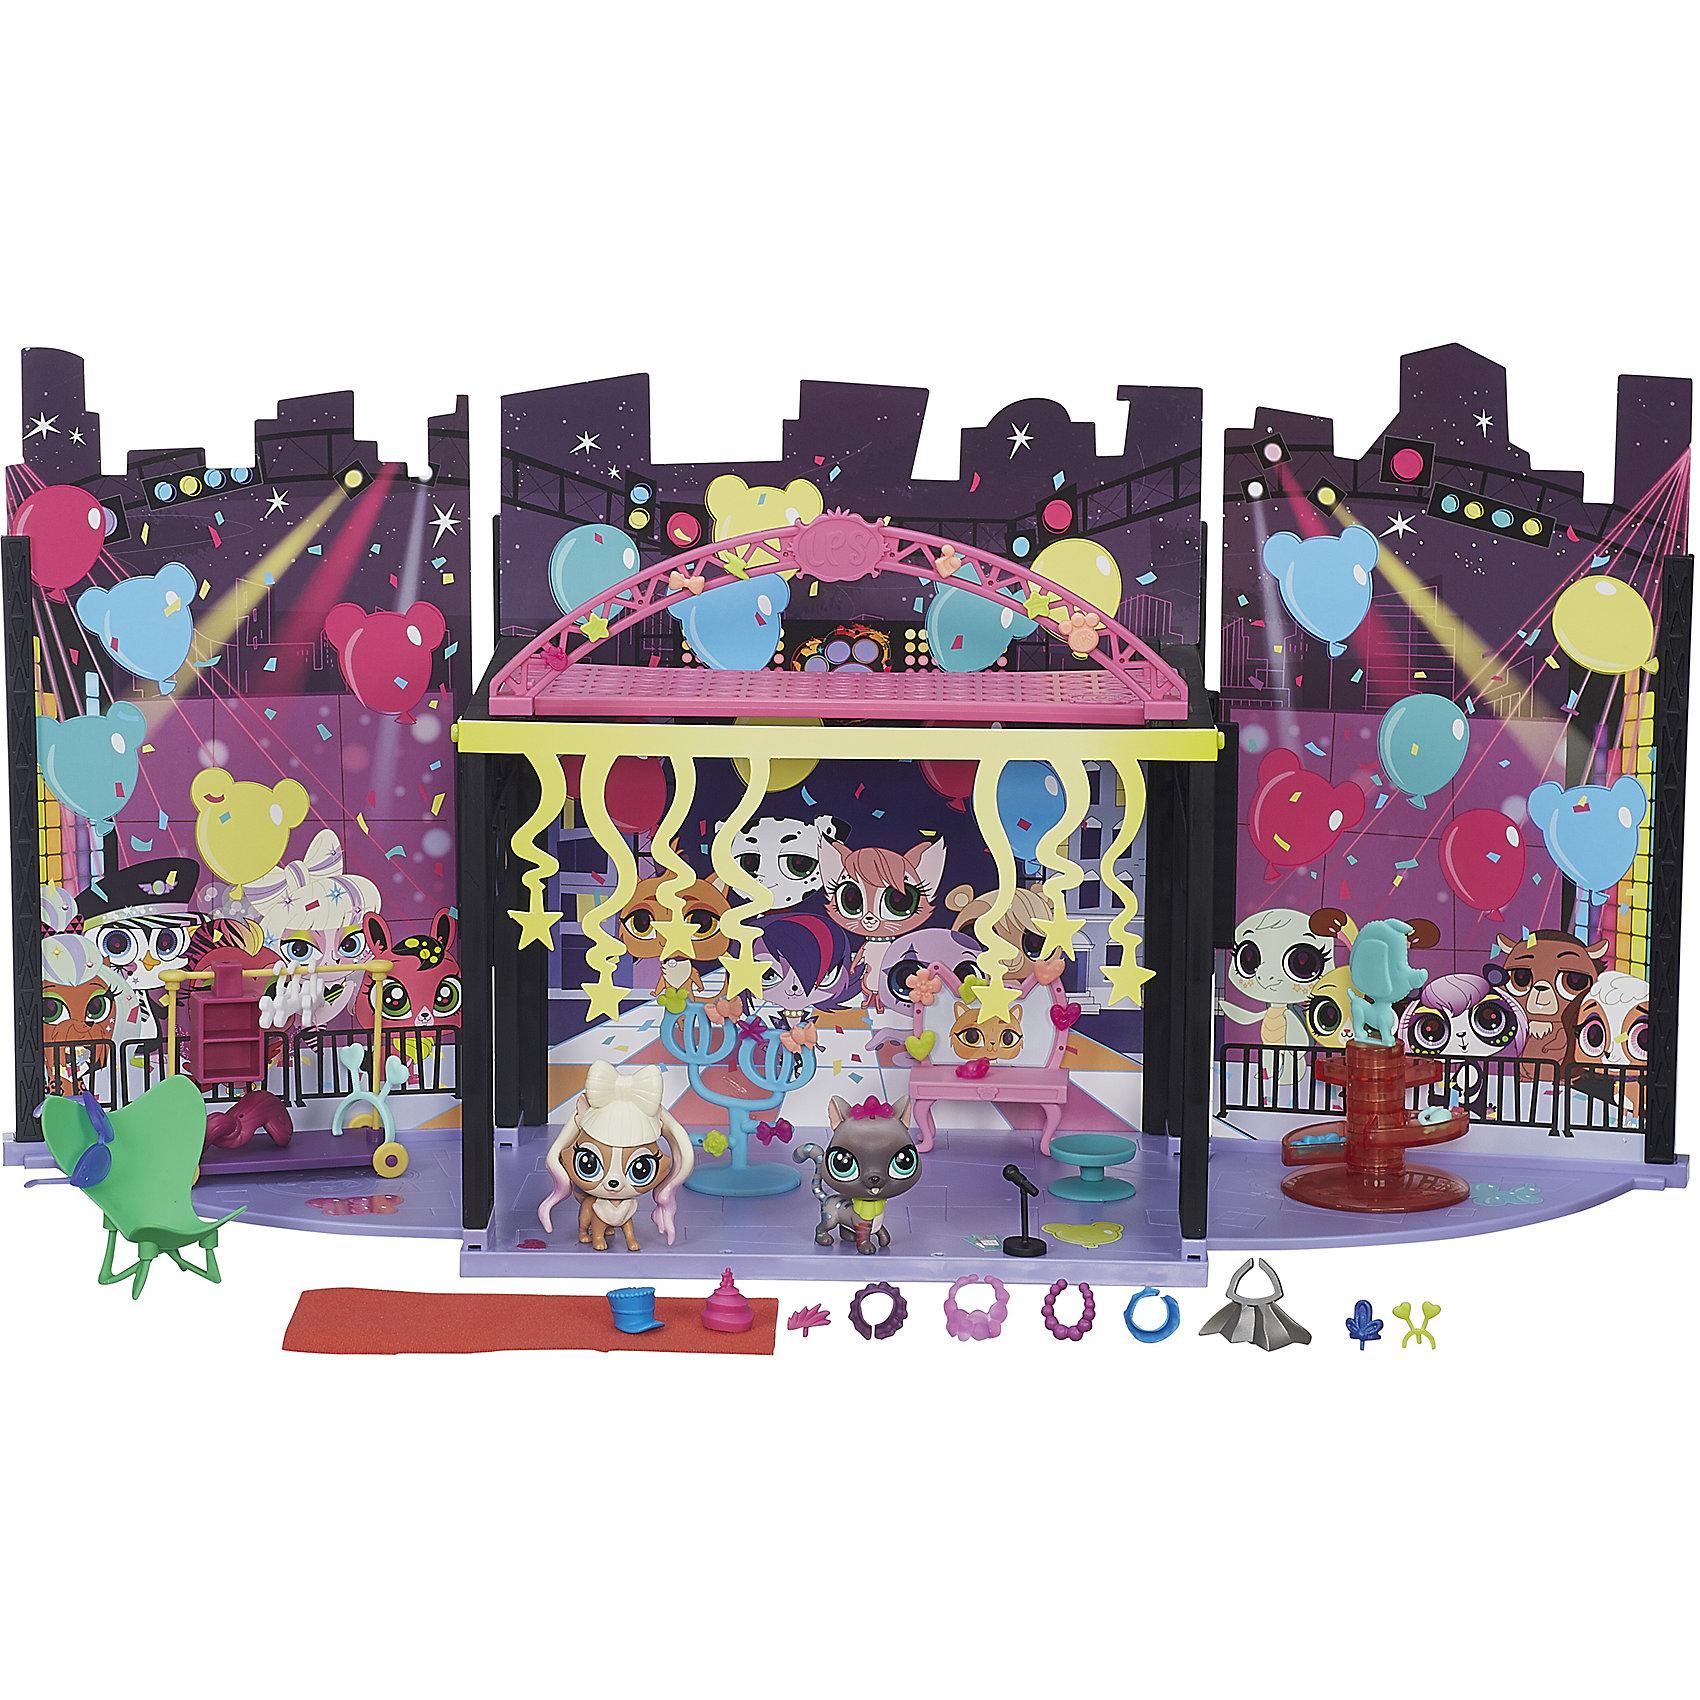 Hasbro Игровой набор За кулисами, Littlest Pet Shop hasbro стильный подиум для показа мод